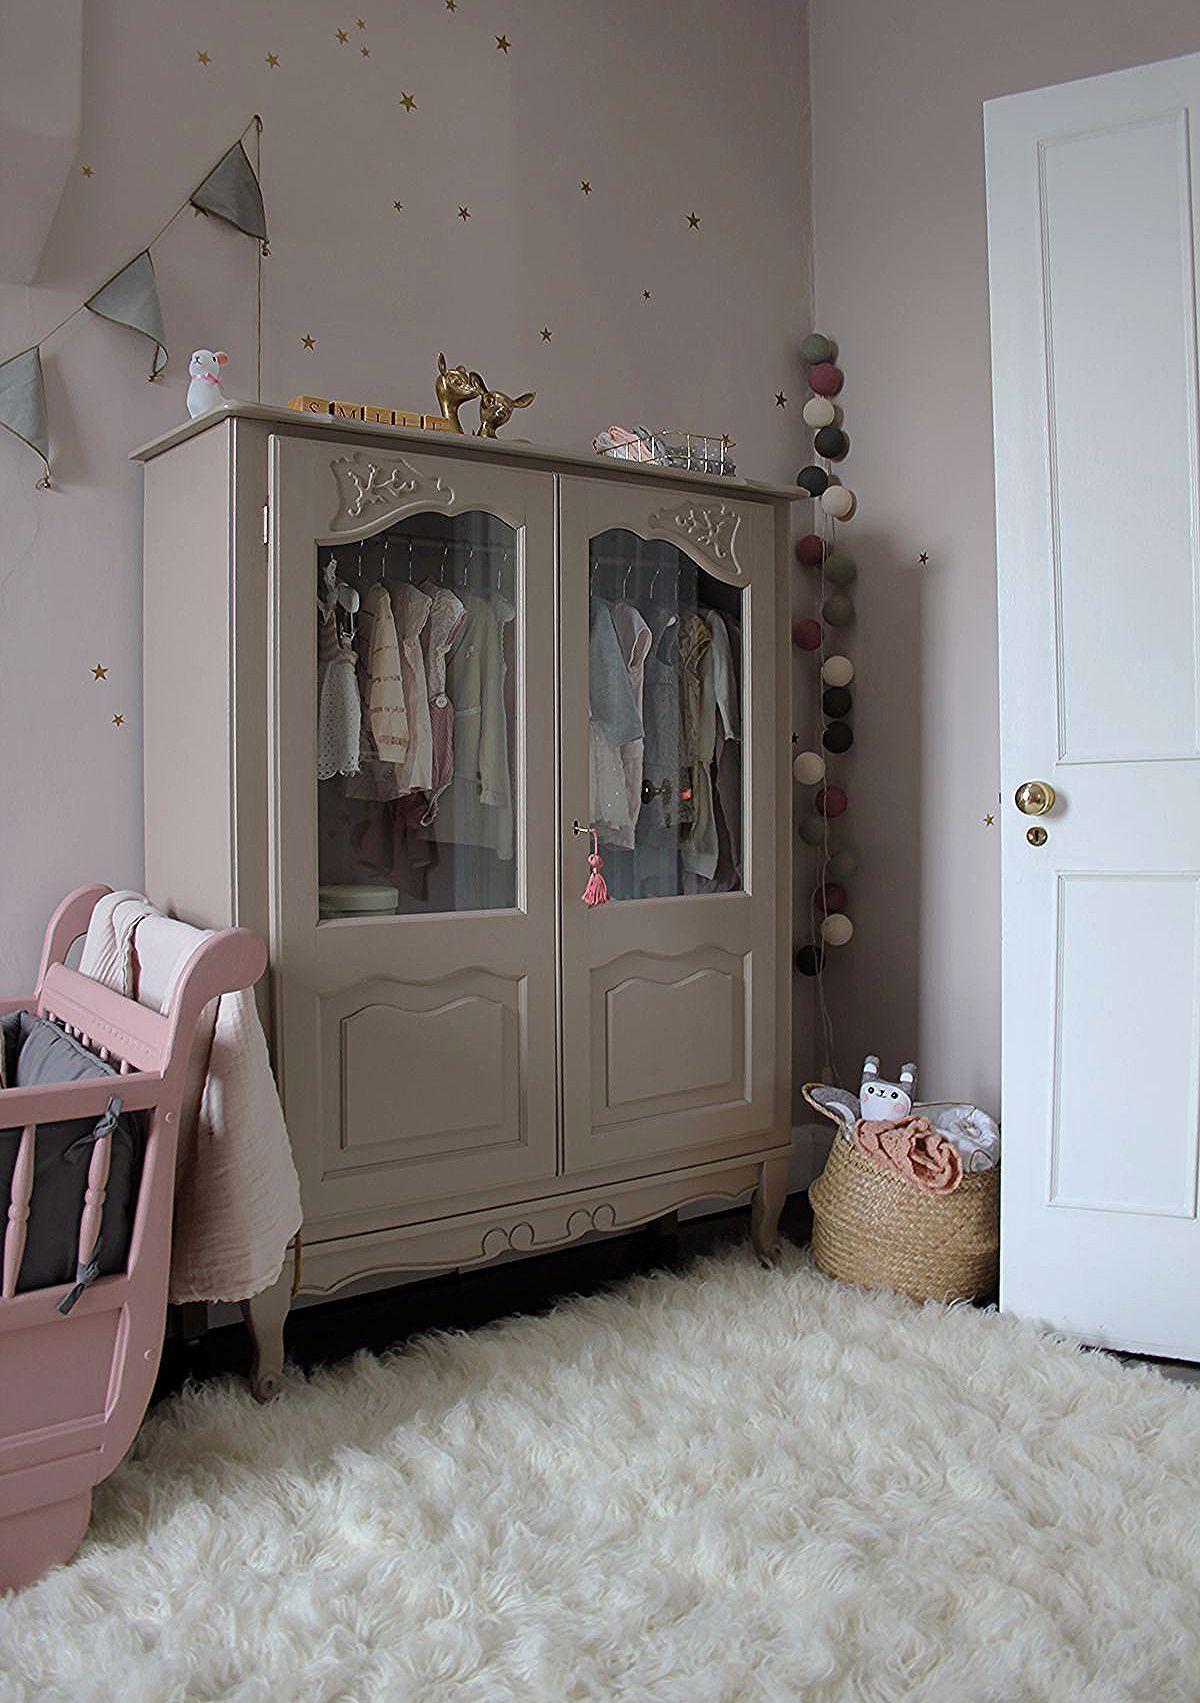 Pin Von Henriikka Auf Playroom In 2020 Kinder Zimmer Kuschelecke Kinderzimmer Madchenzimmer